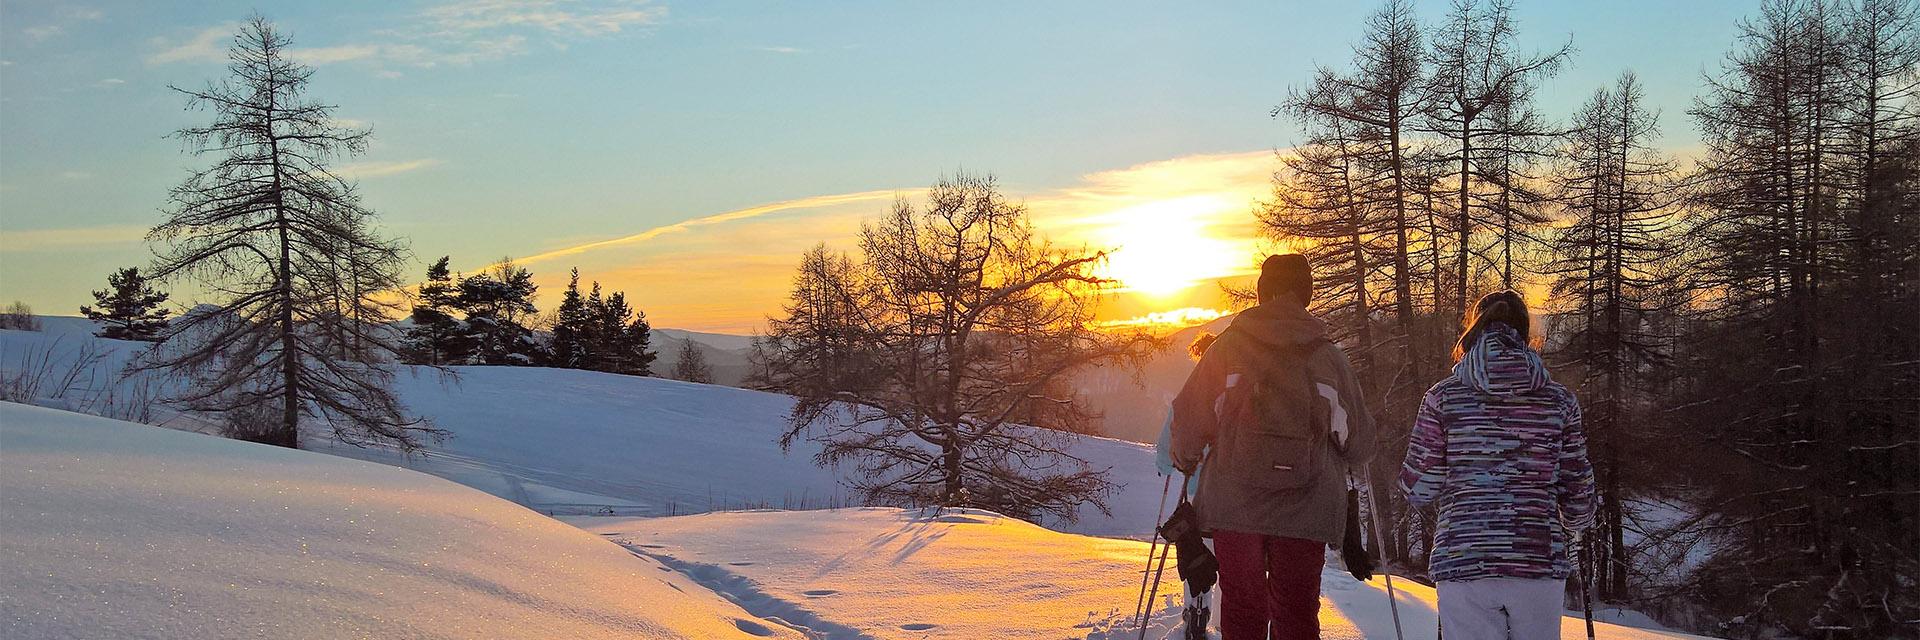 Village_club_vacances_alpes-de-haute-provence_domaine-de-l-Adoux_rando-ski